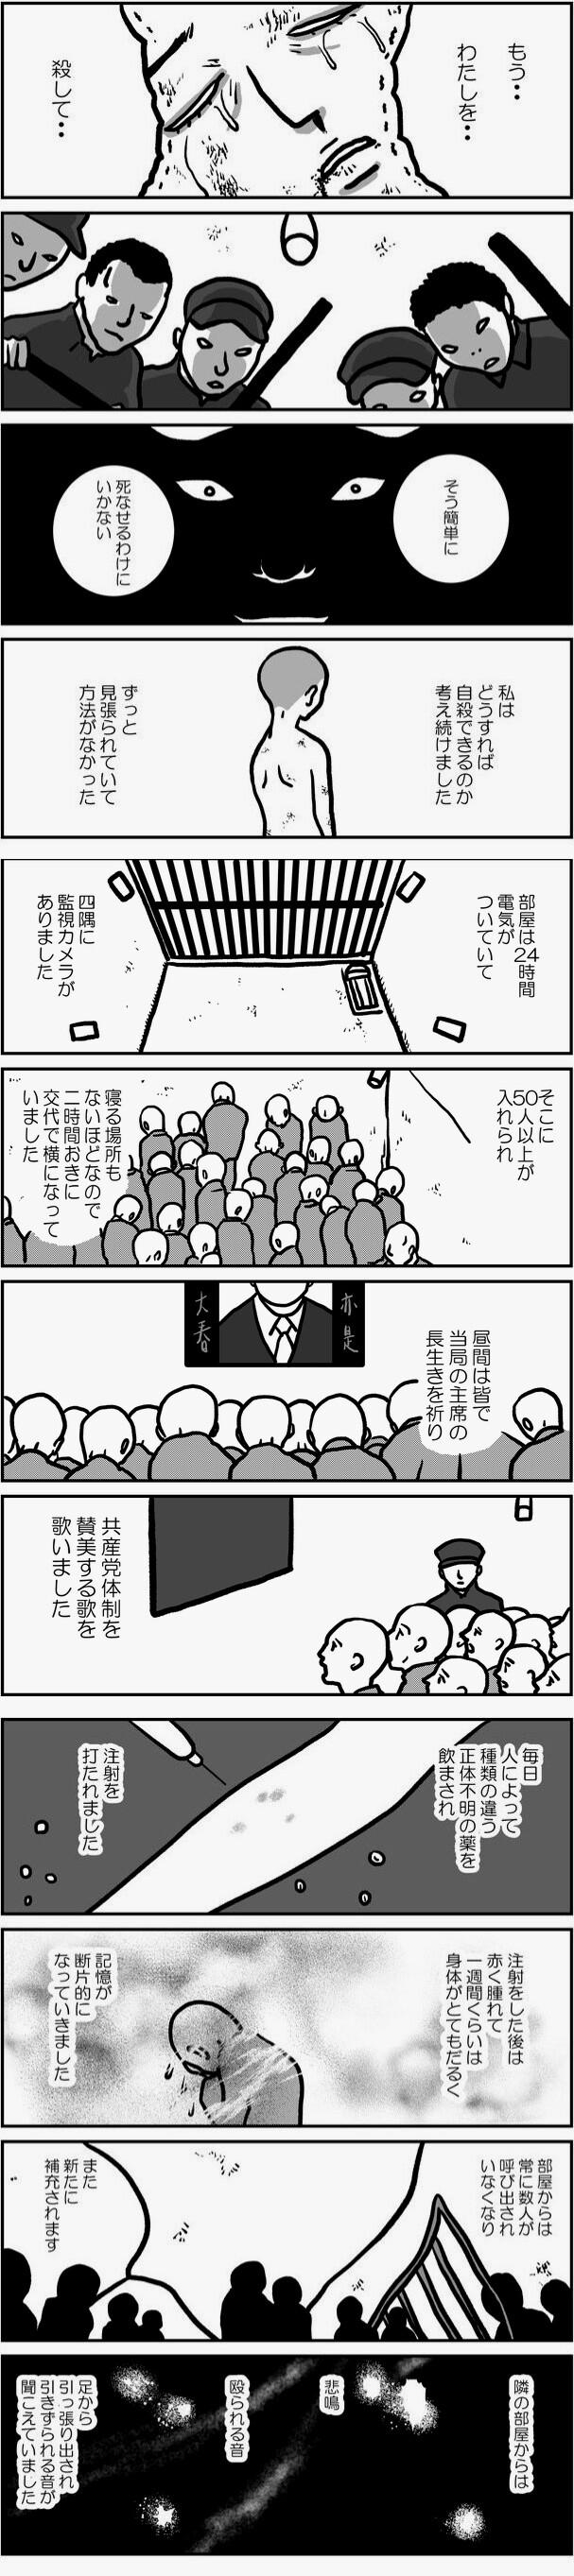 人 漫画 ウイグル